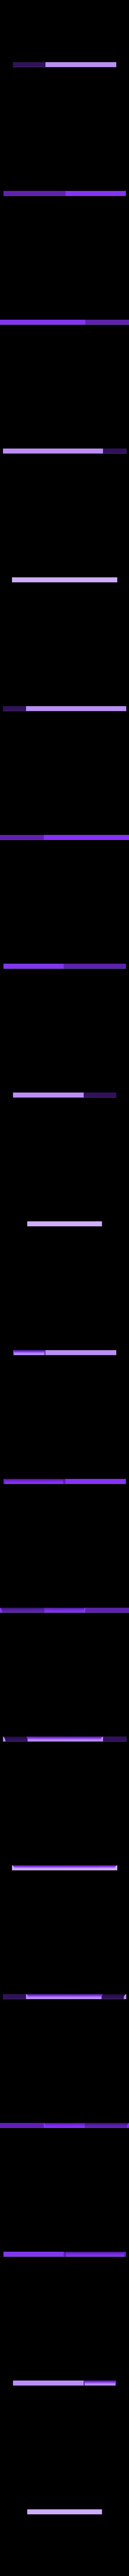 Frame_Half.stl Télécharger fichier STL gratuit Réservoir d'ondulation • Modèle pour impression 3D, poblocki1982